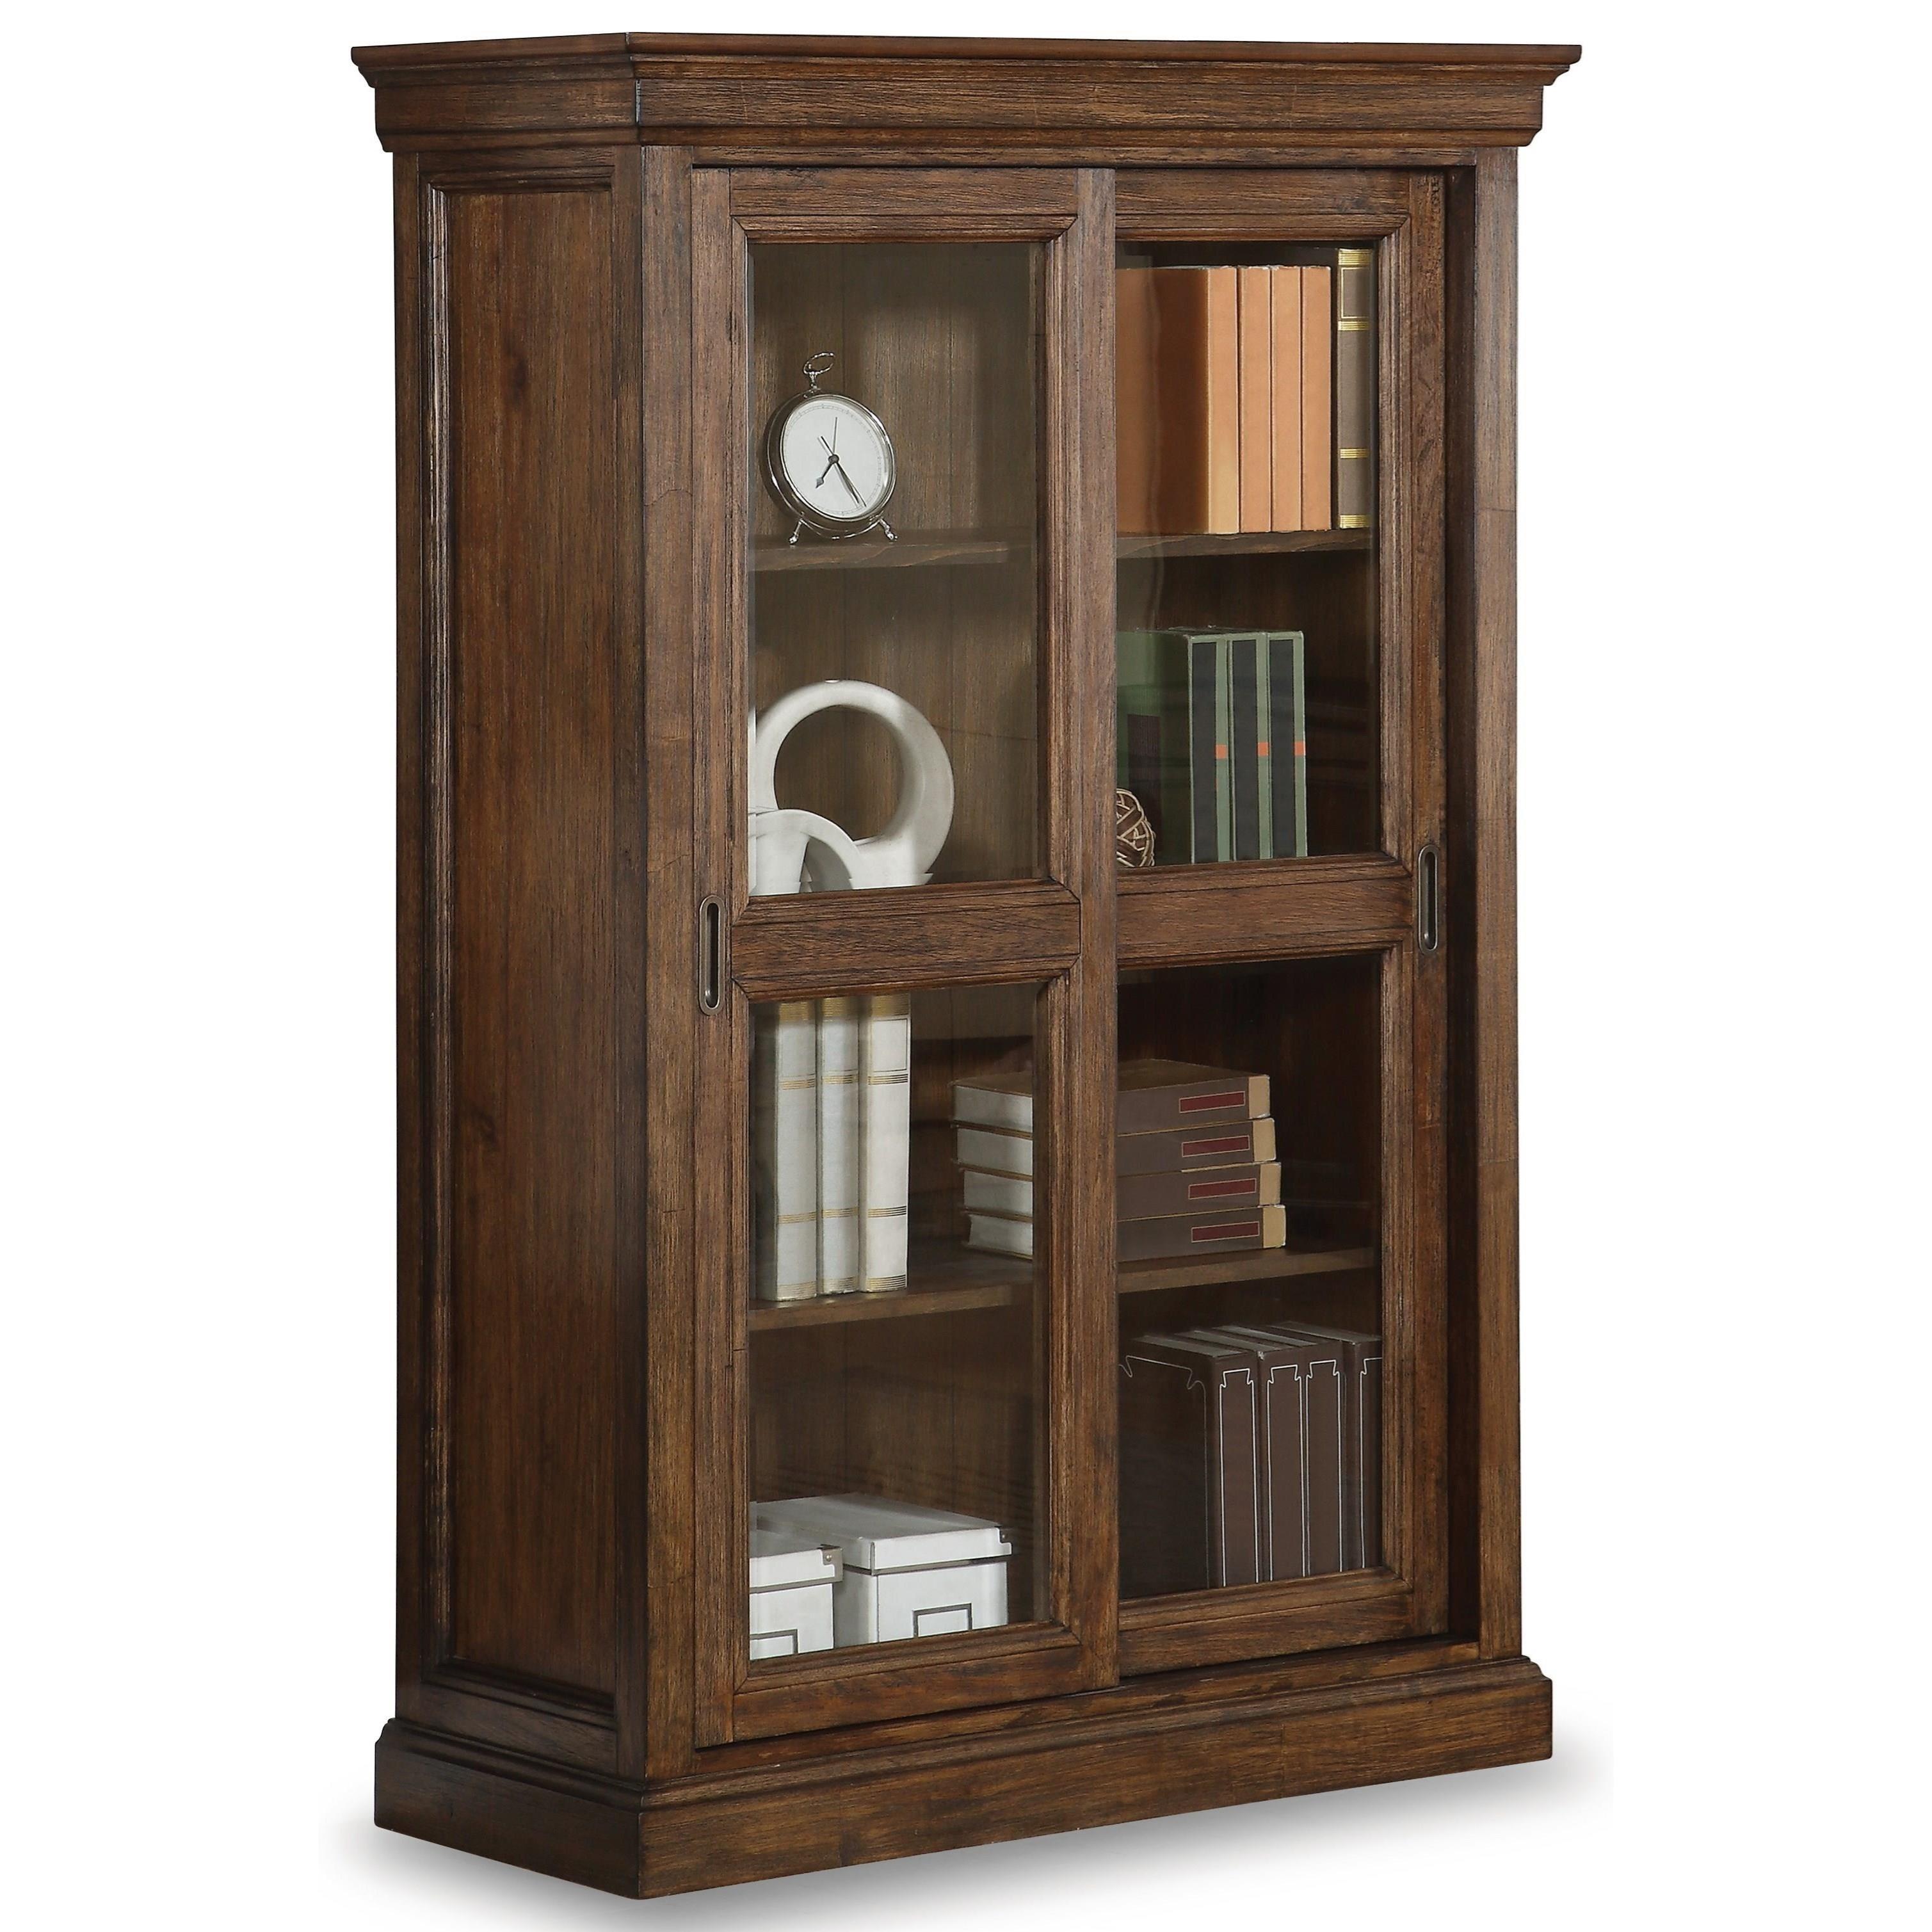 Flexsteel Wynwood Collection Herald Sliding Door Bookcase - Item Number: W1327-704